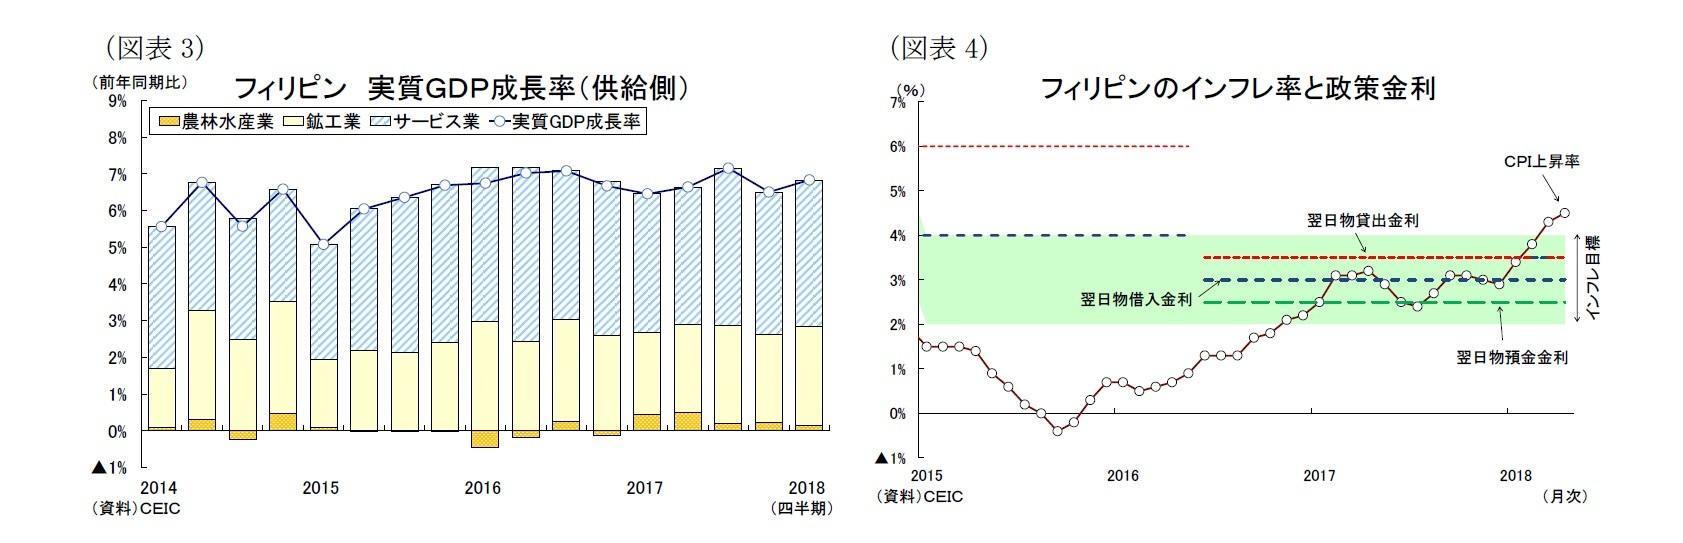 (図表3)フィリピン 実質GDP成長率(供給側)/(図表4)フィリピンのインフレ率と政策金利